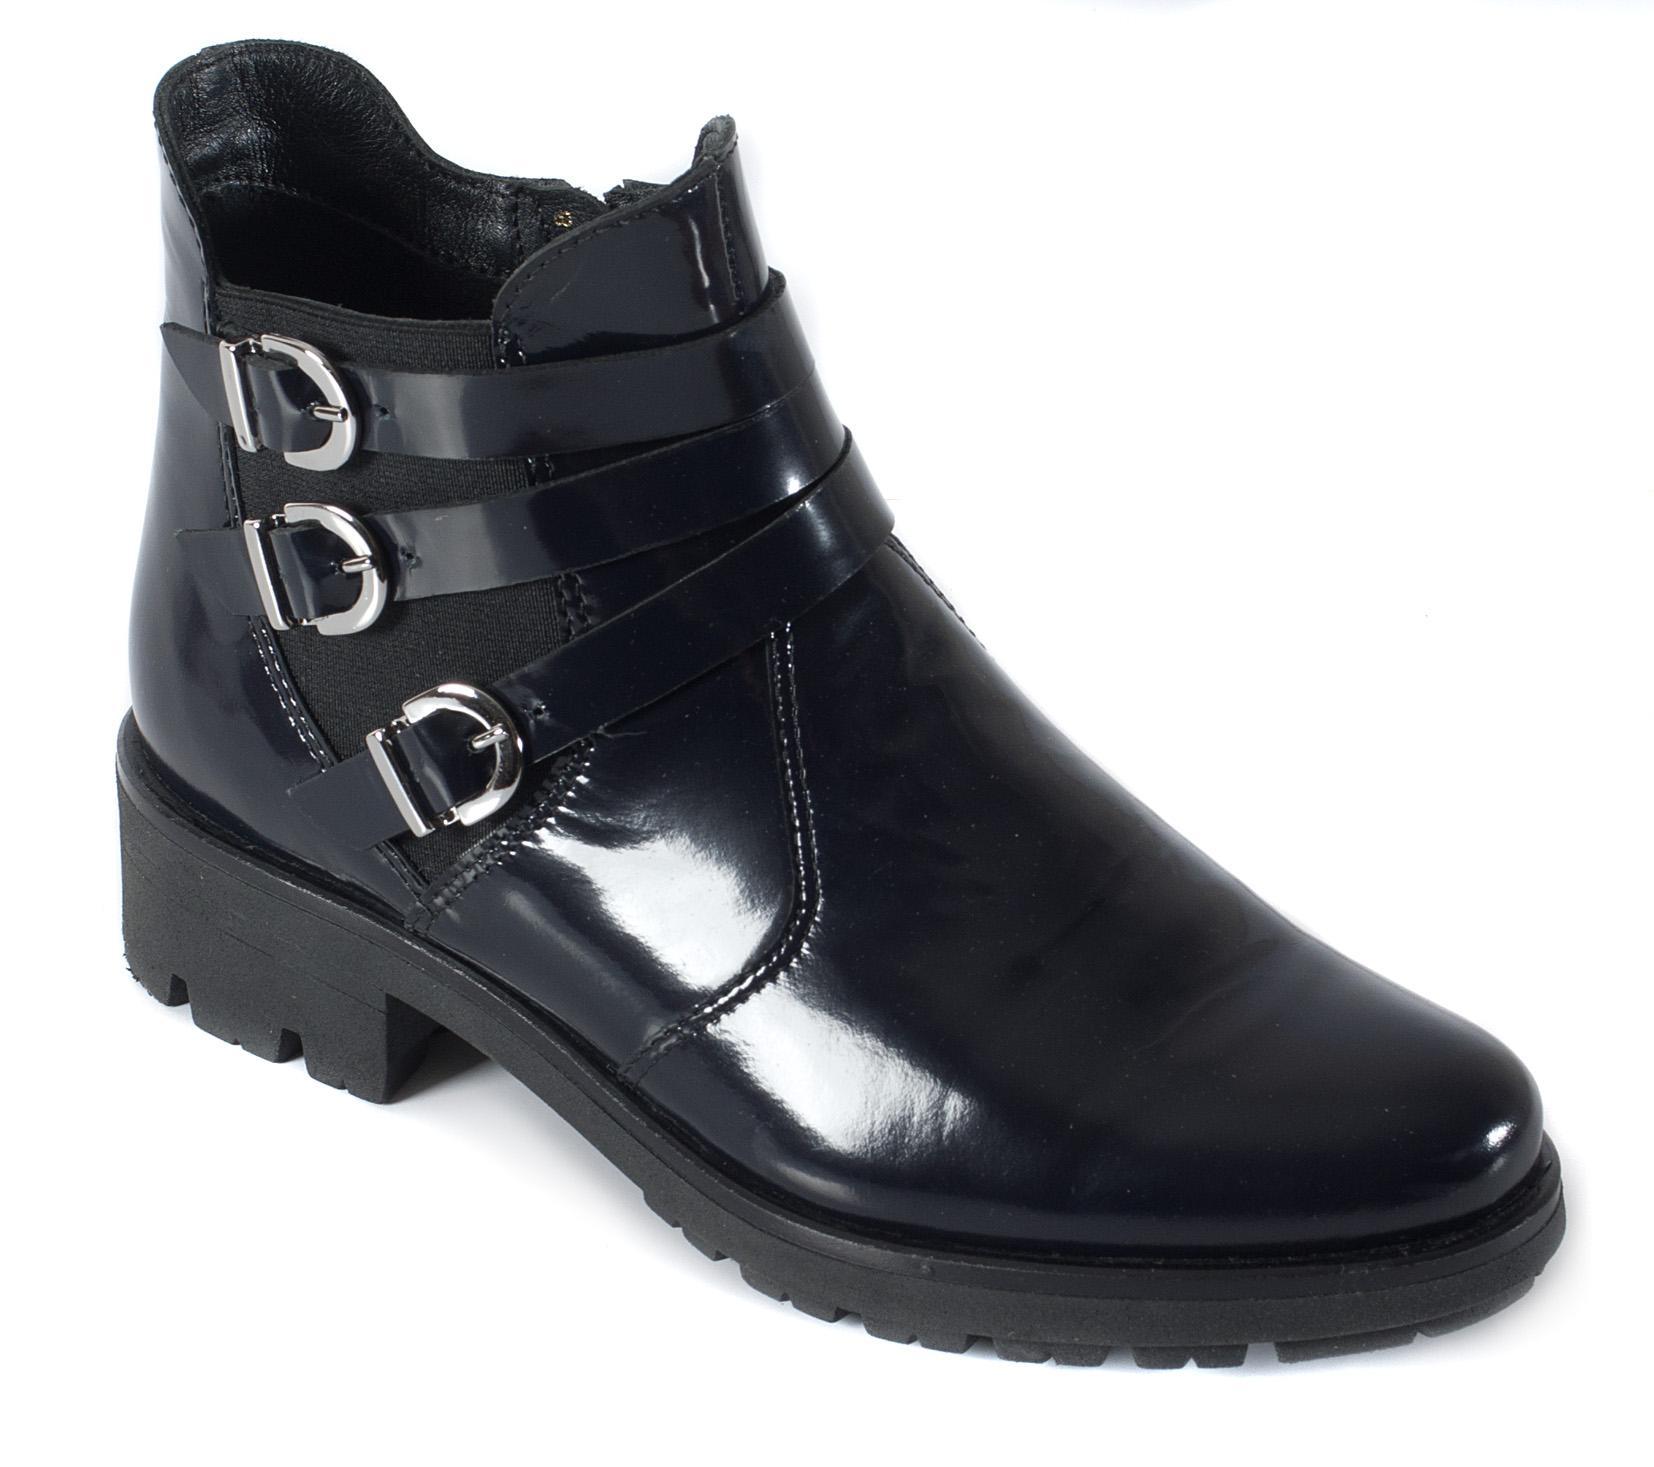 Сбор заказов.Готовимся к весне с обувью ИонеССи, без рядов, качество 100%. Многие уже оценили качество этой обуви. Опции